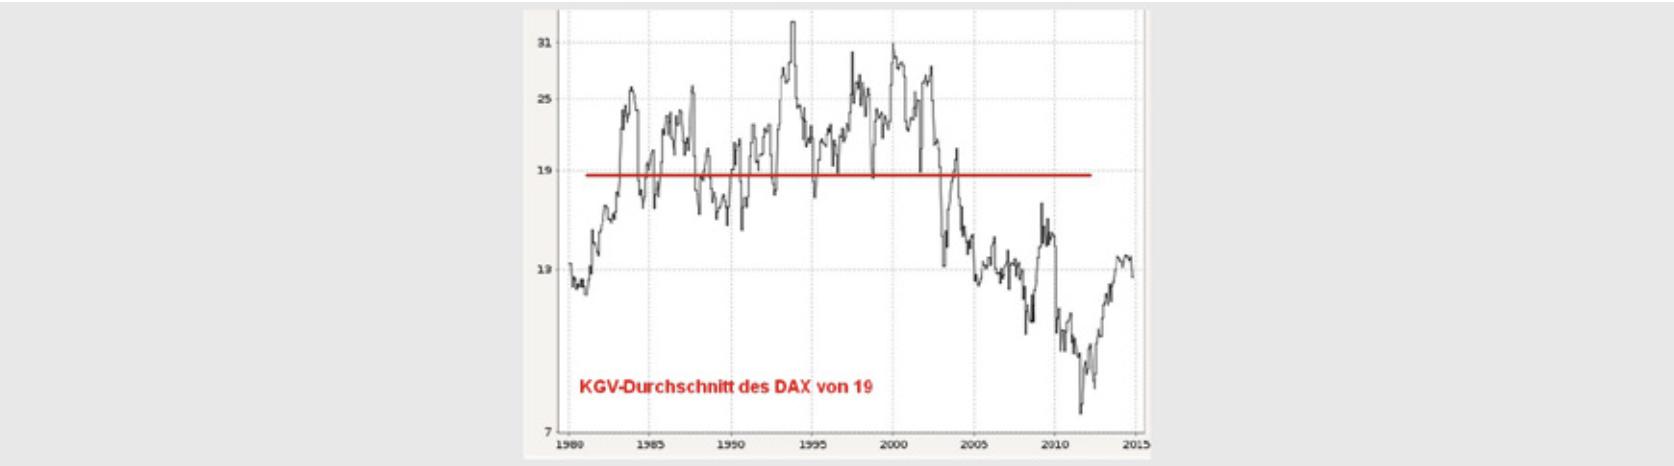 Historisches KGV des DAX